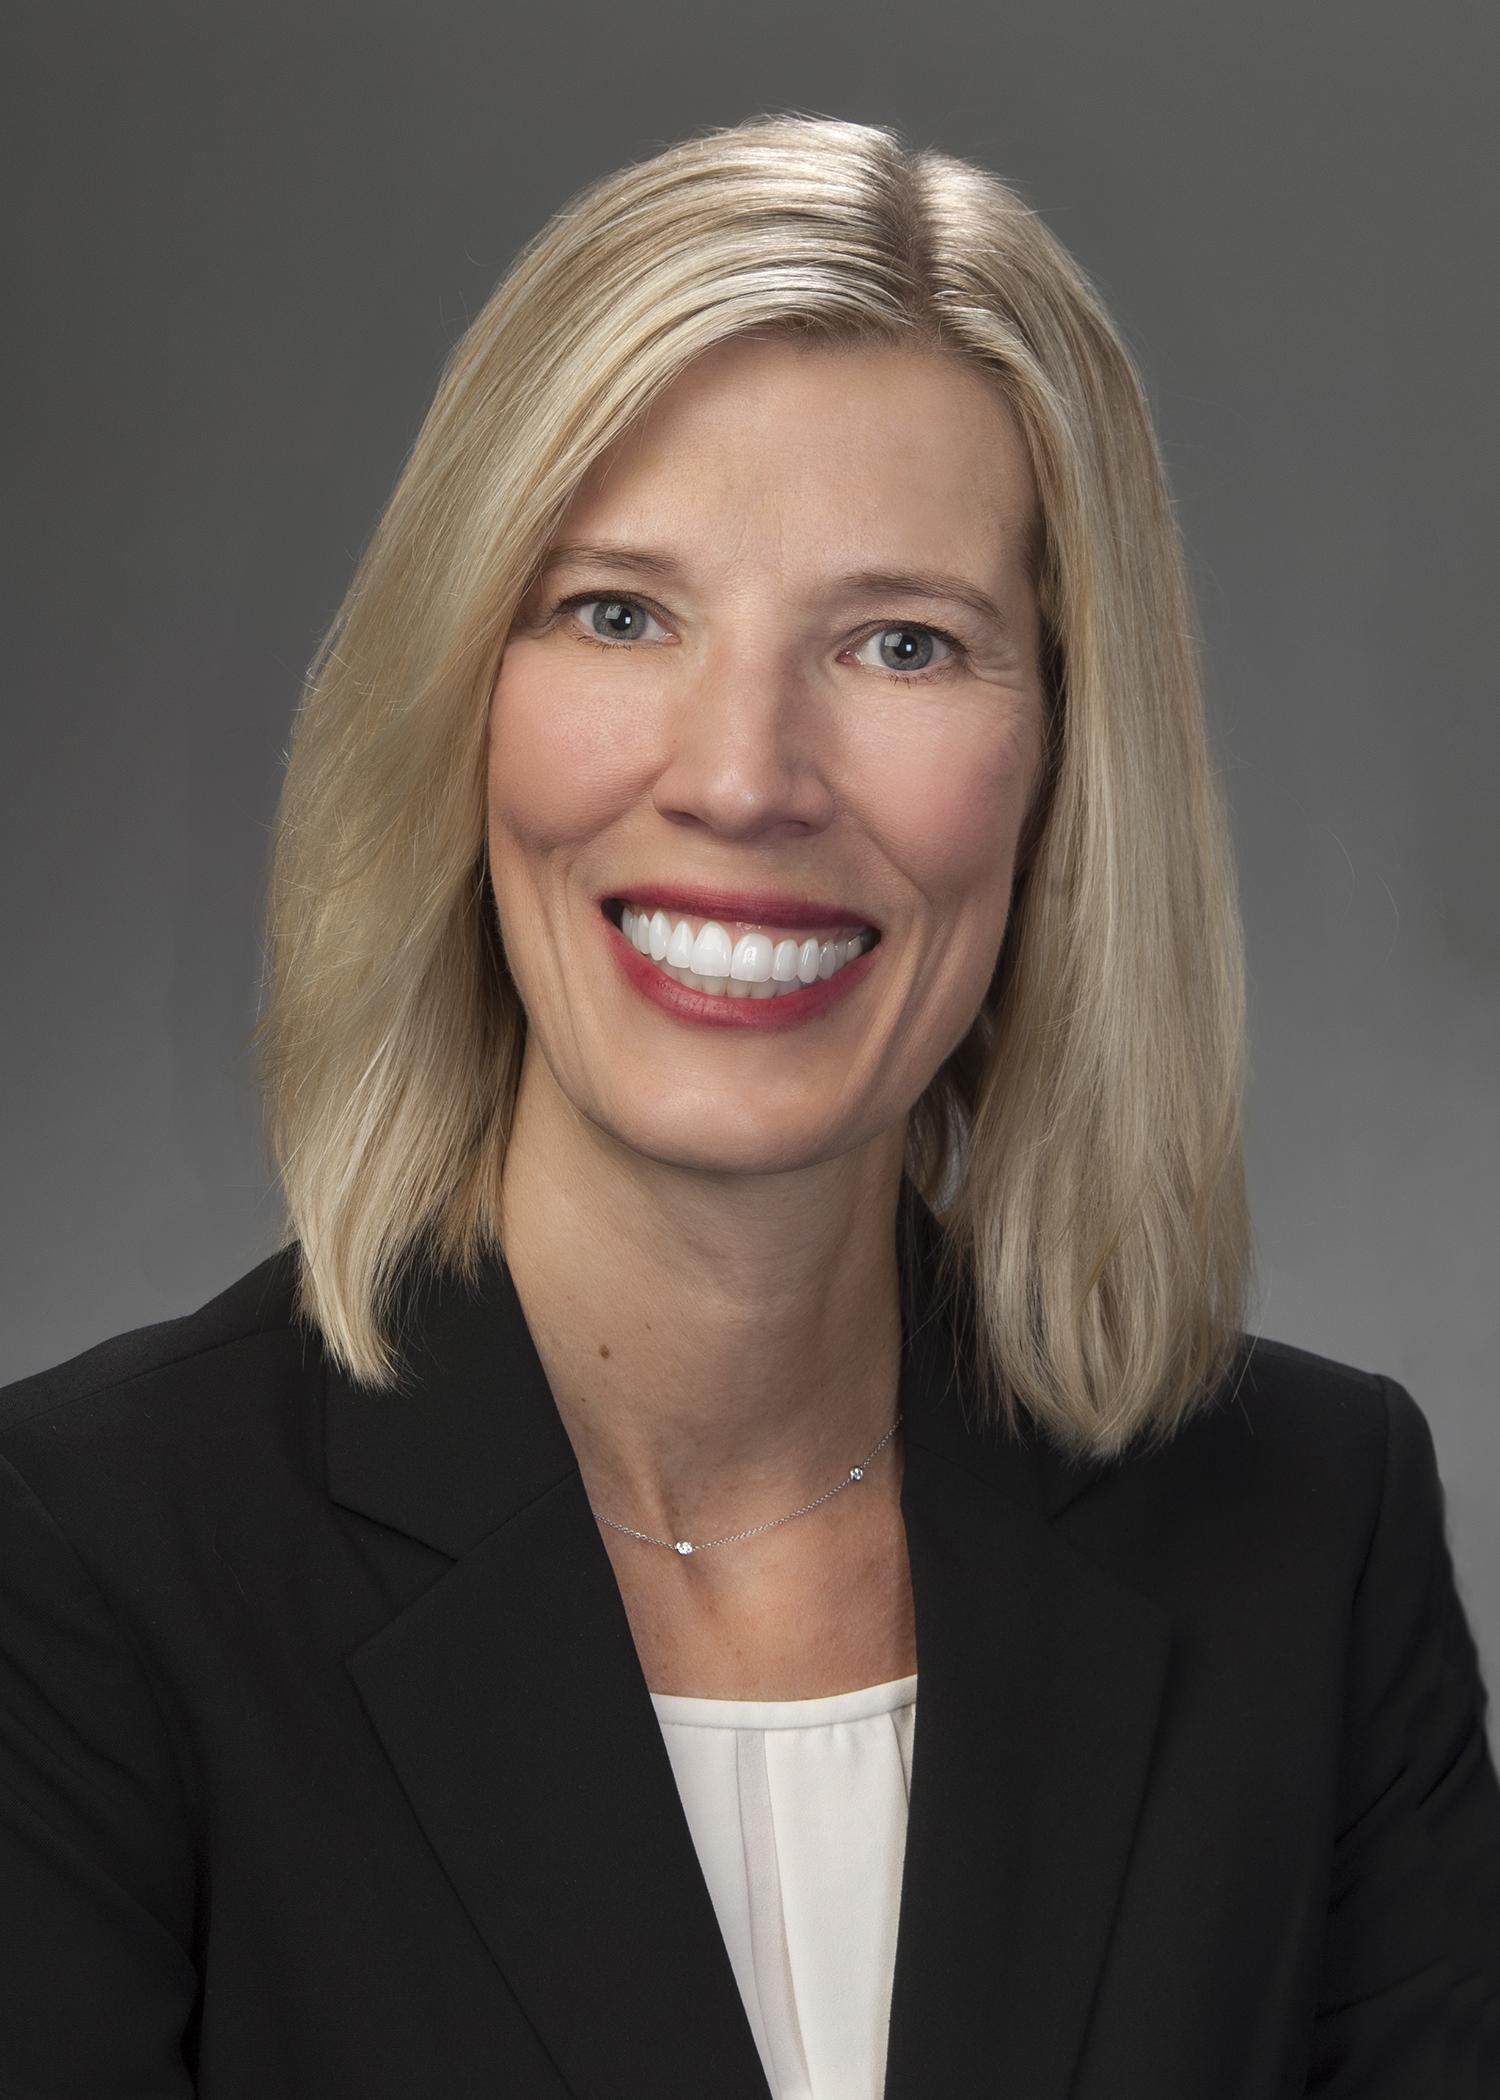 Julie Barnhart